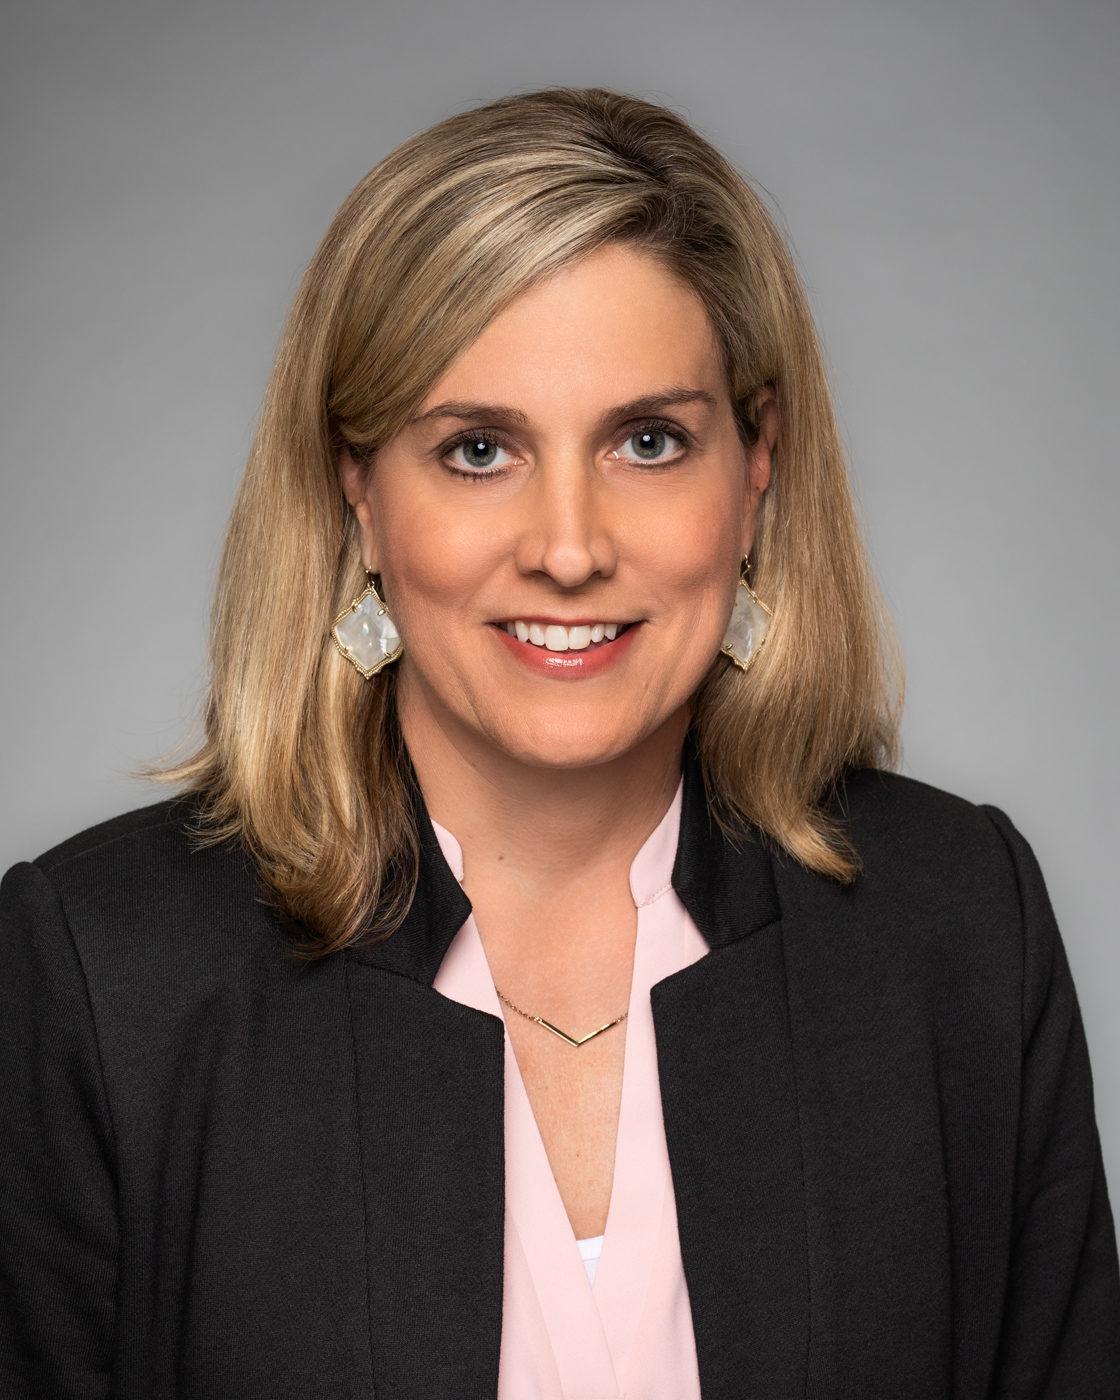 Amy Marburger